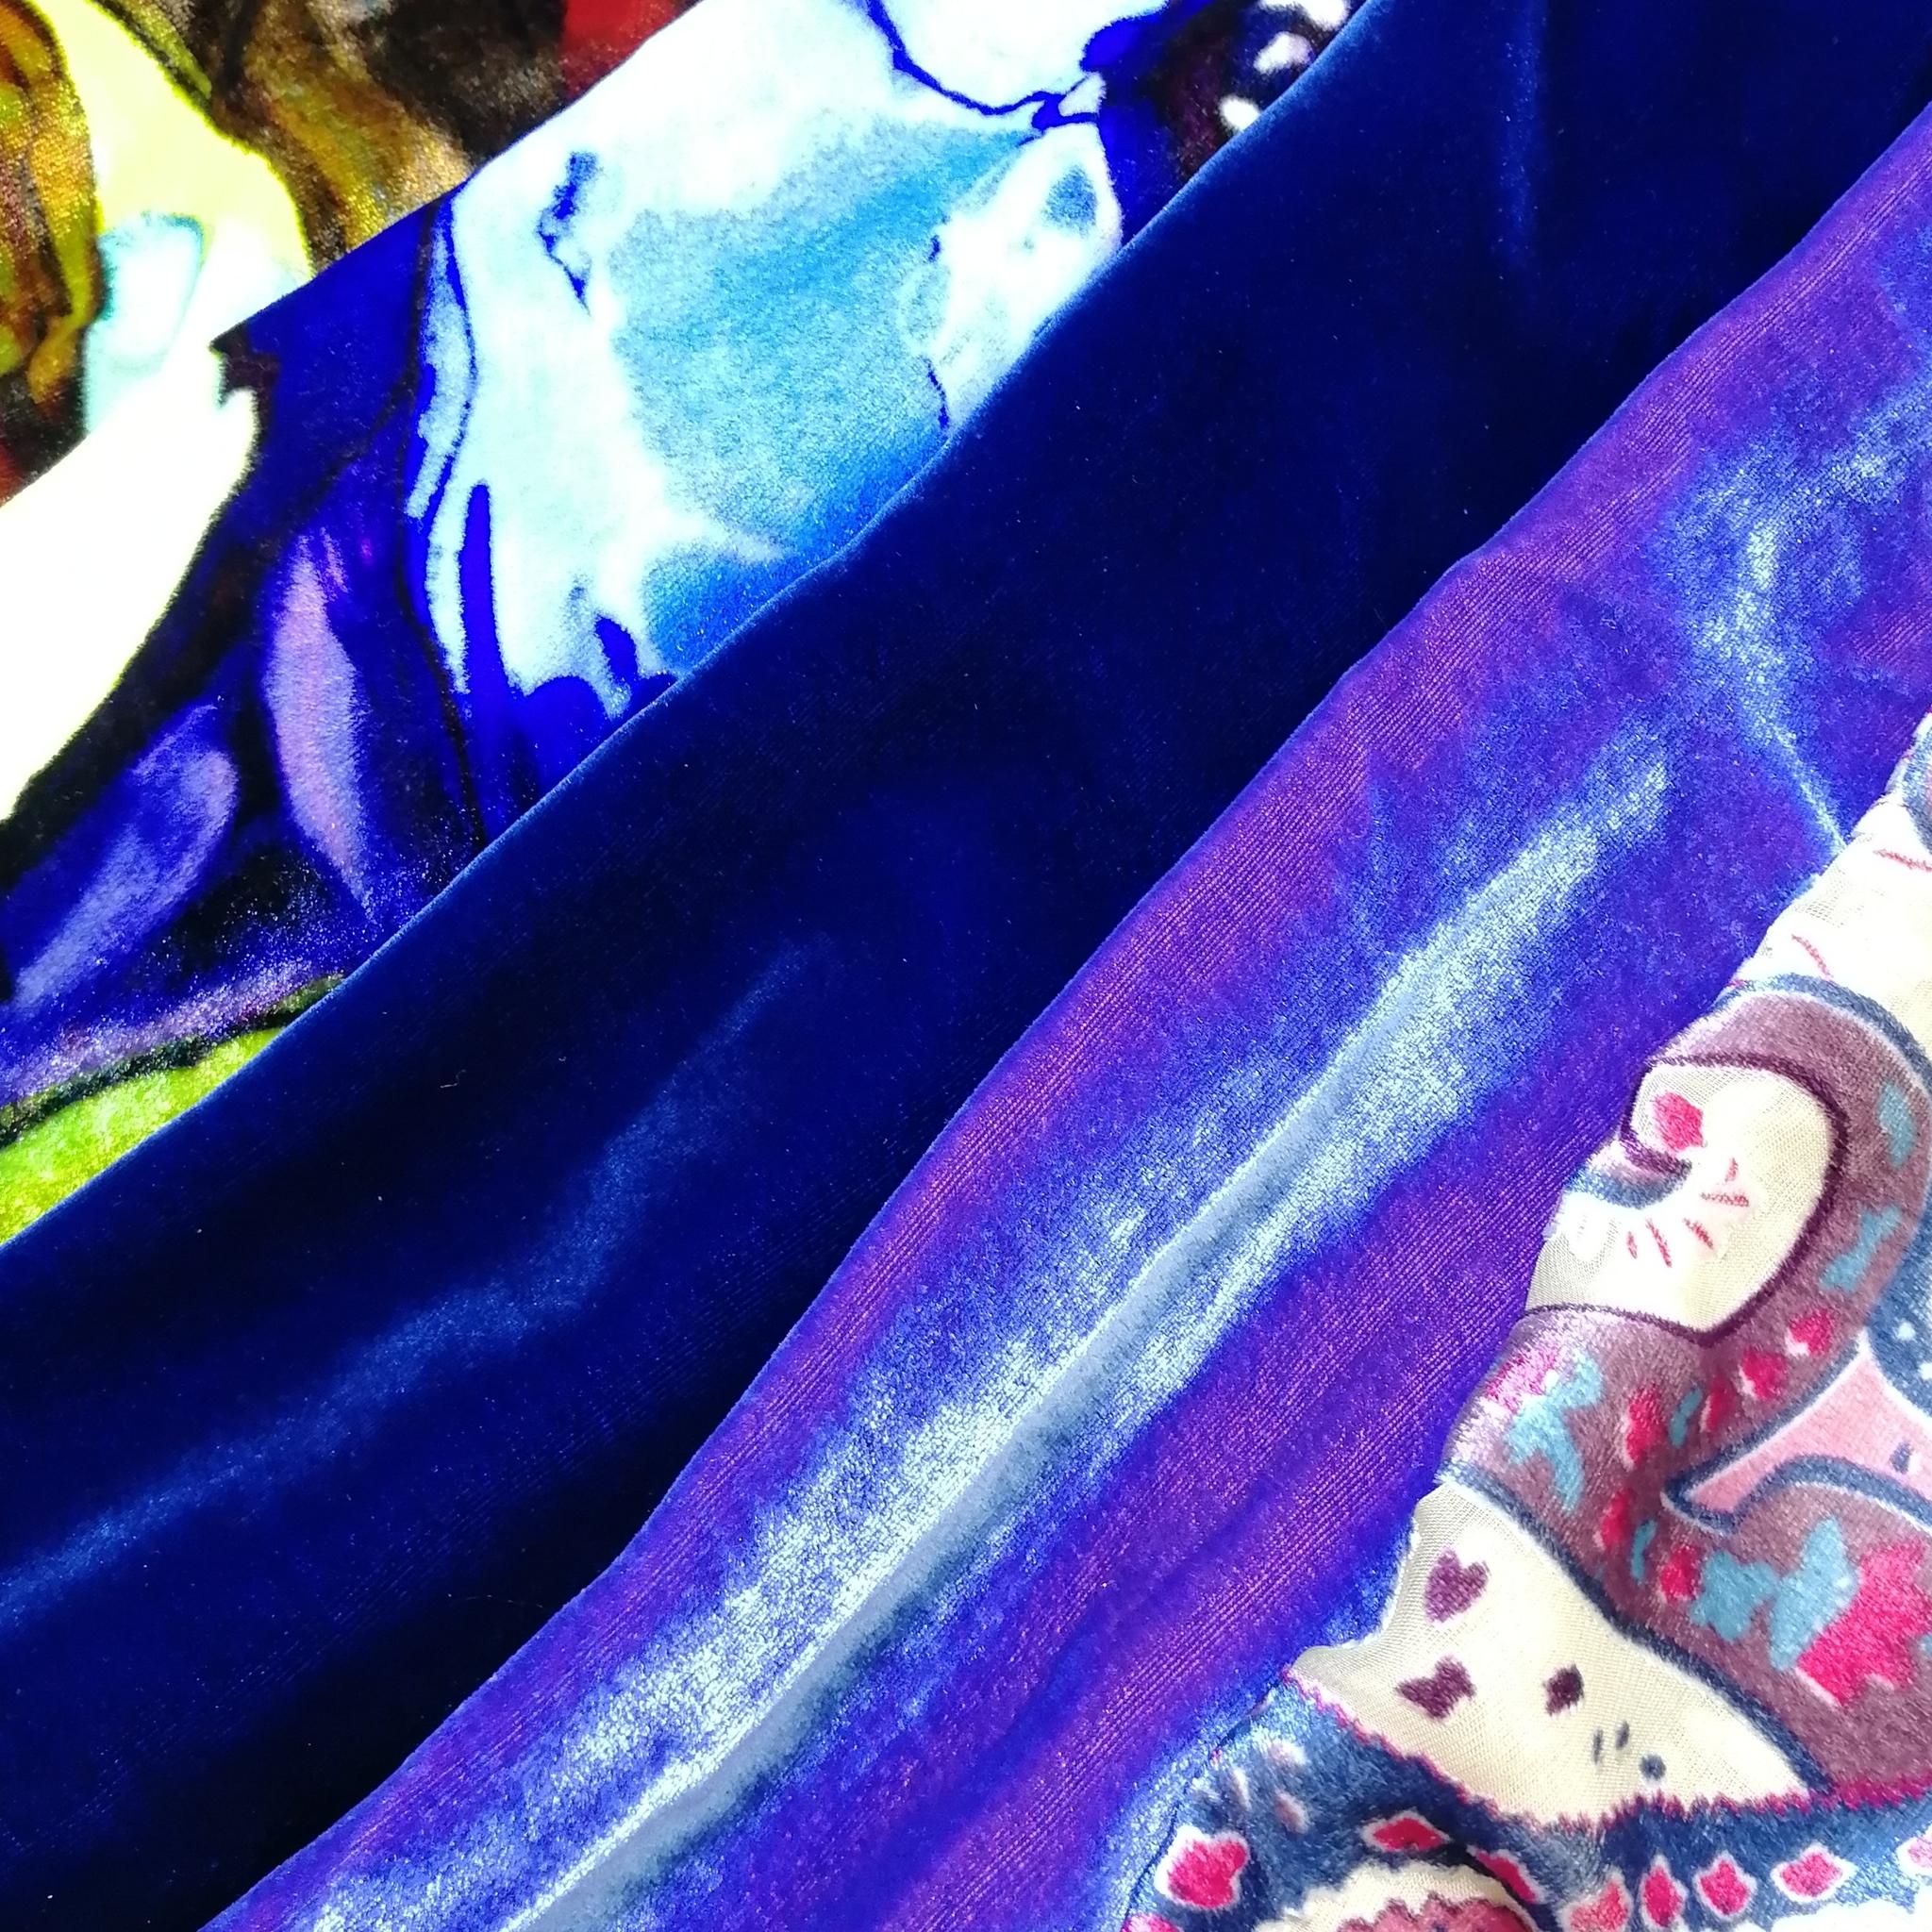 Вискозно-шелковый бархат-хамелеон голубого цвета с сиреневым отливом